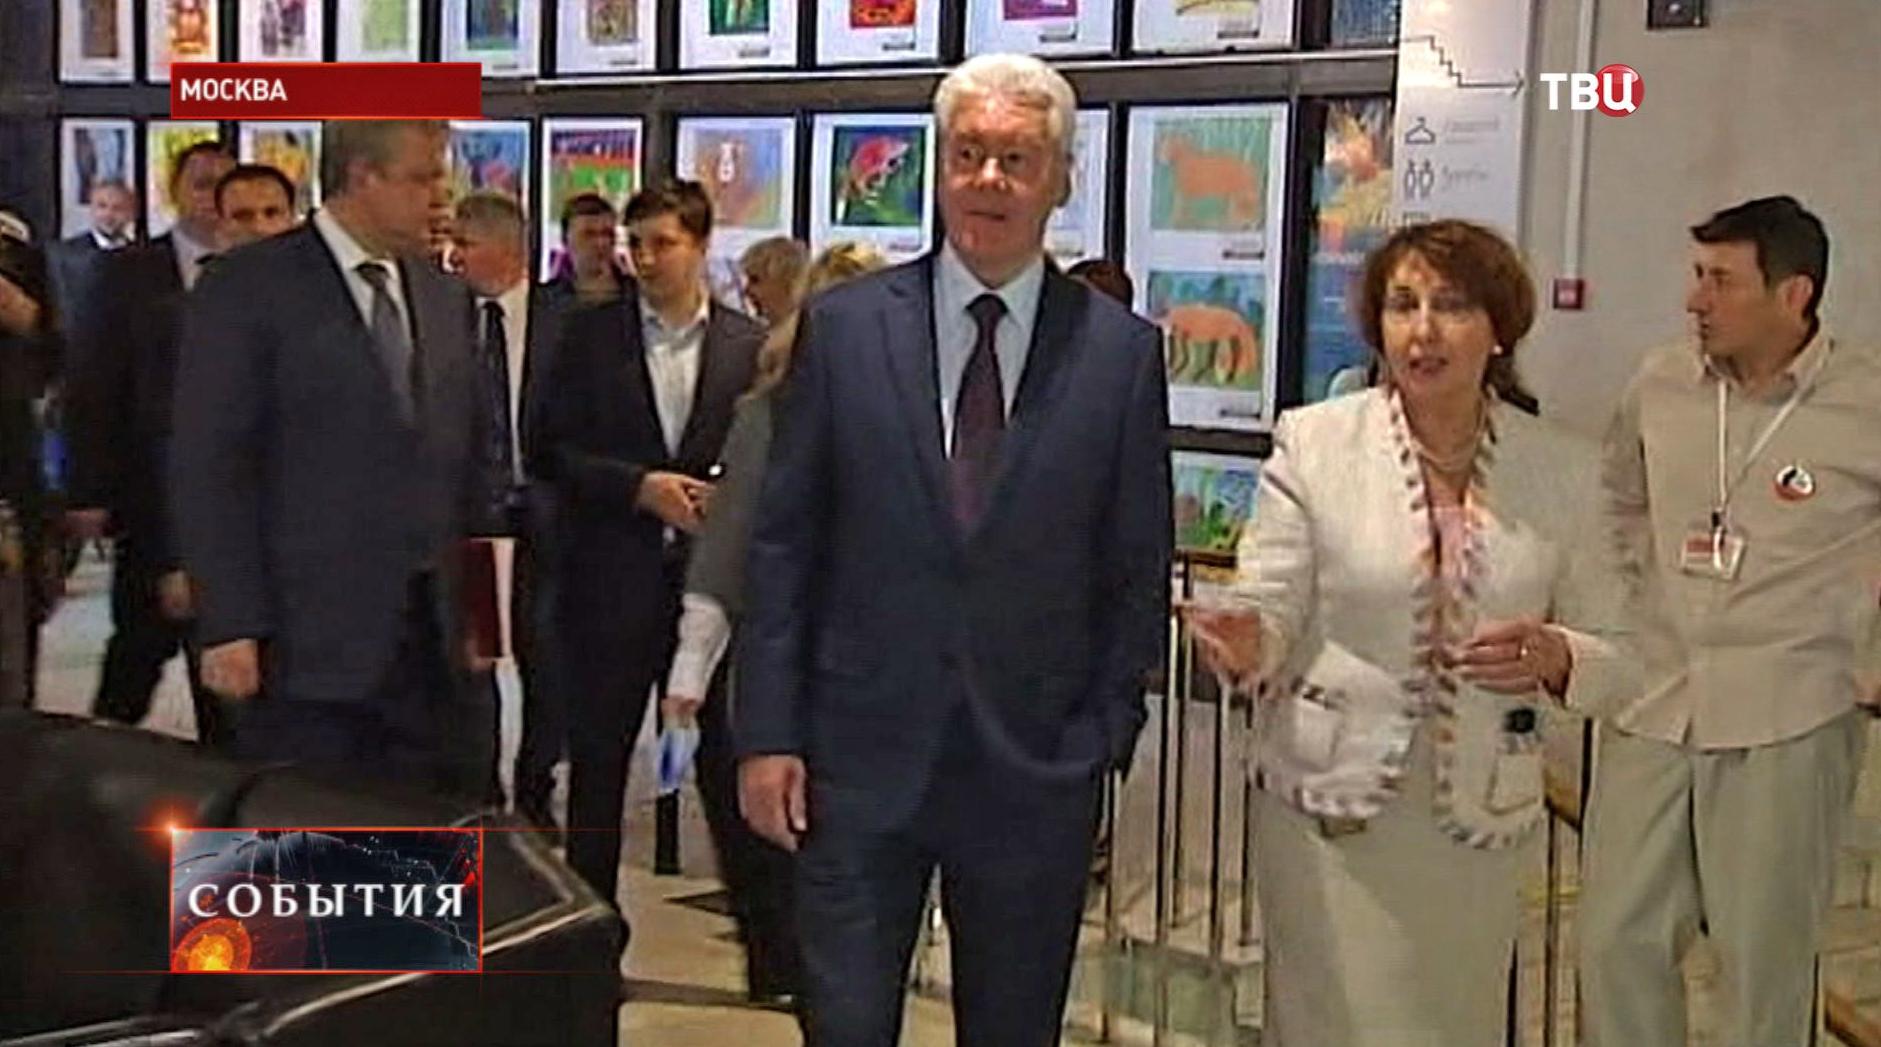 Сергей Собянин в Дарвиновском музее